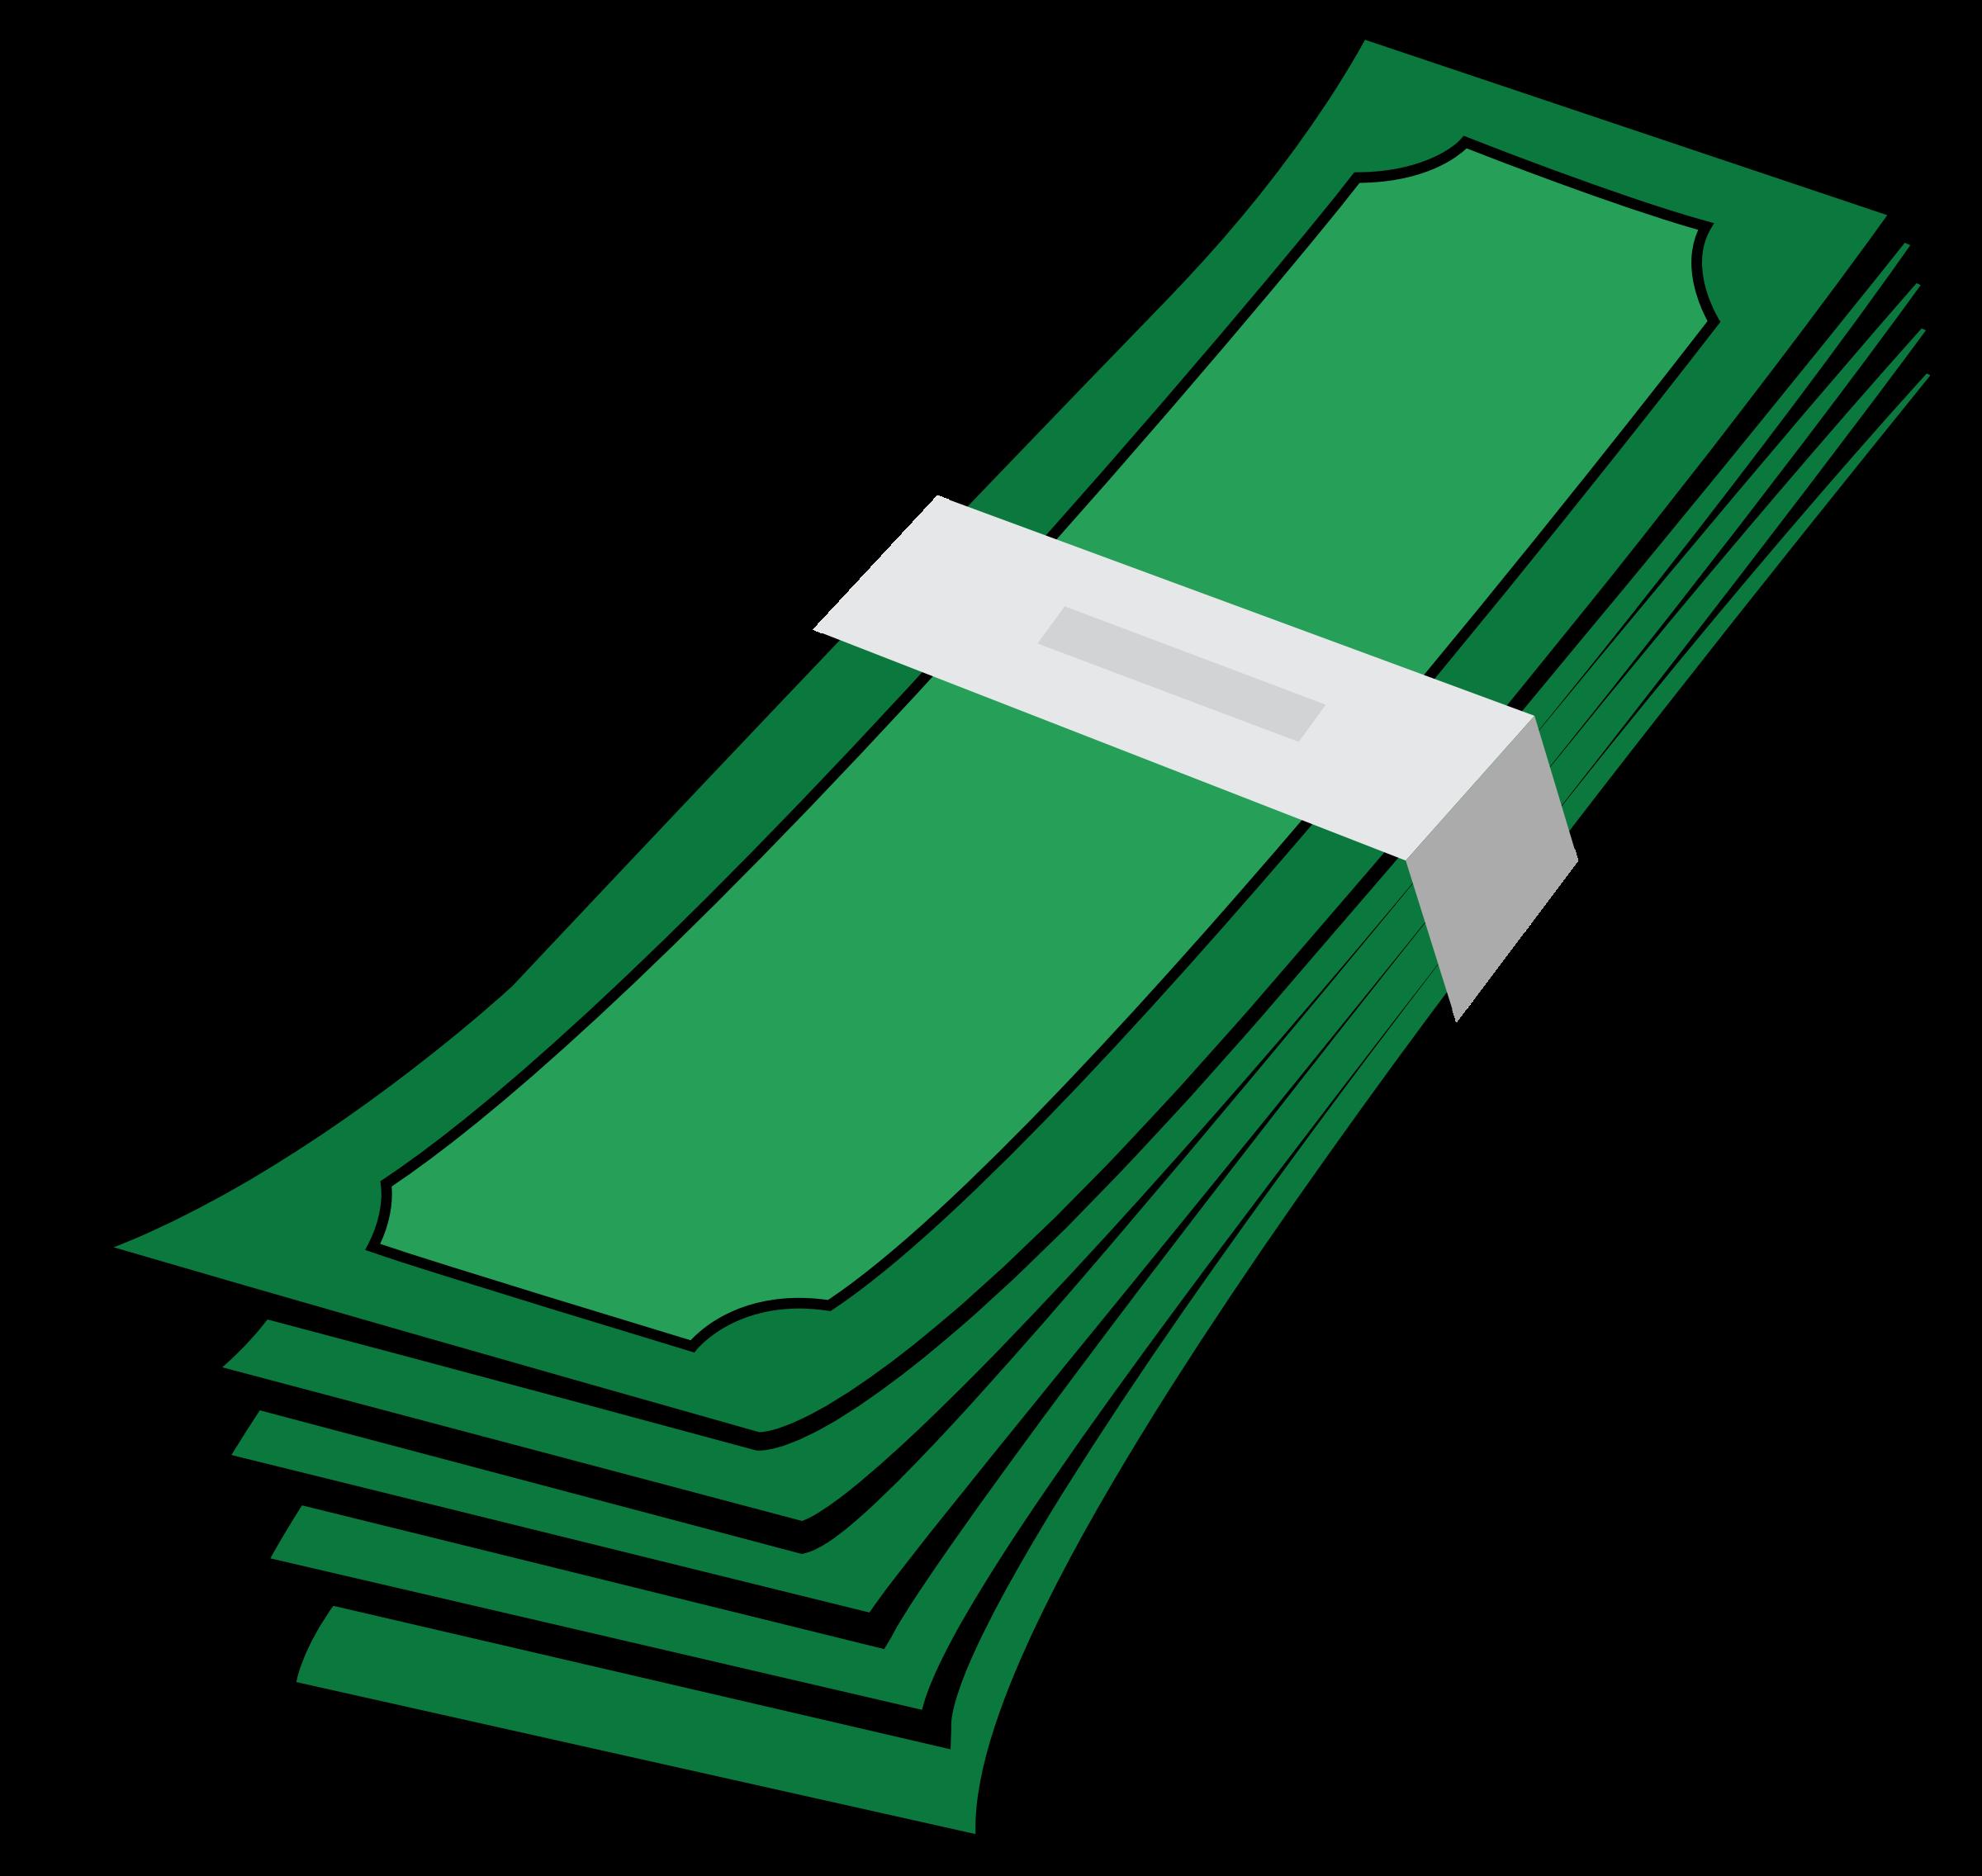 Donation clipart little money. Cash cliparthut free